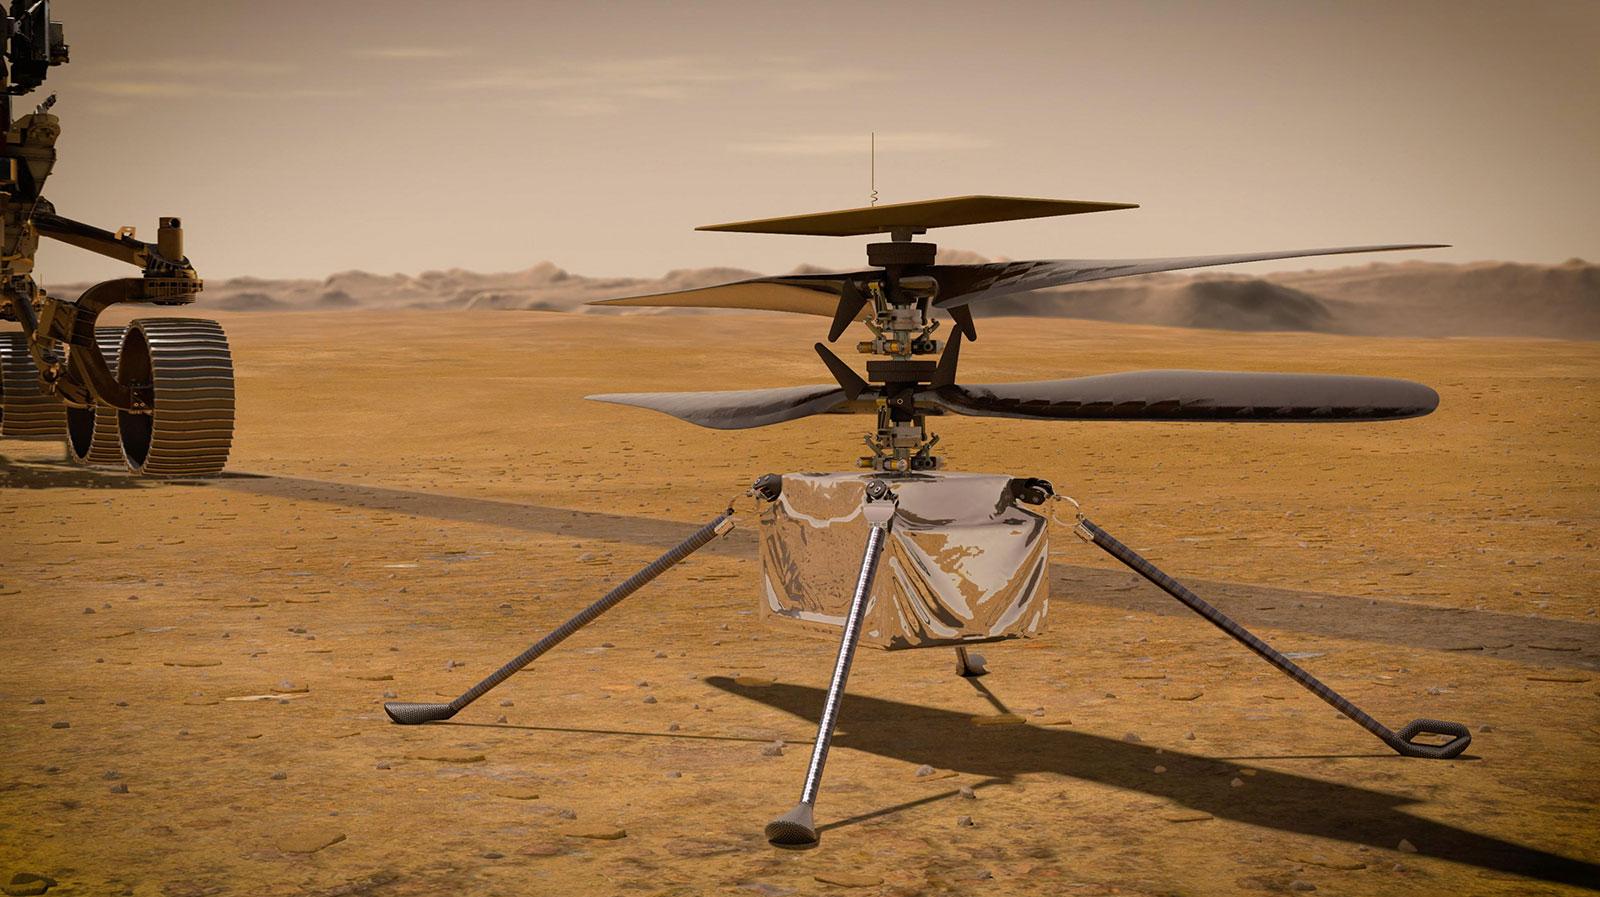 Кусочек самолета братьев Райт — первого в мире аэроплана — пролетит над Марсом